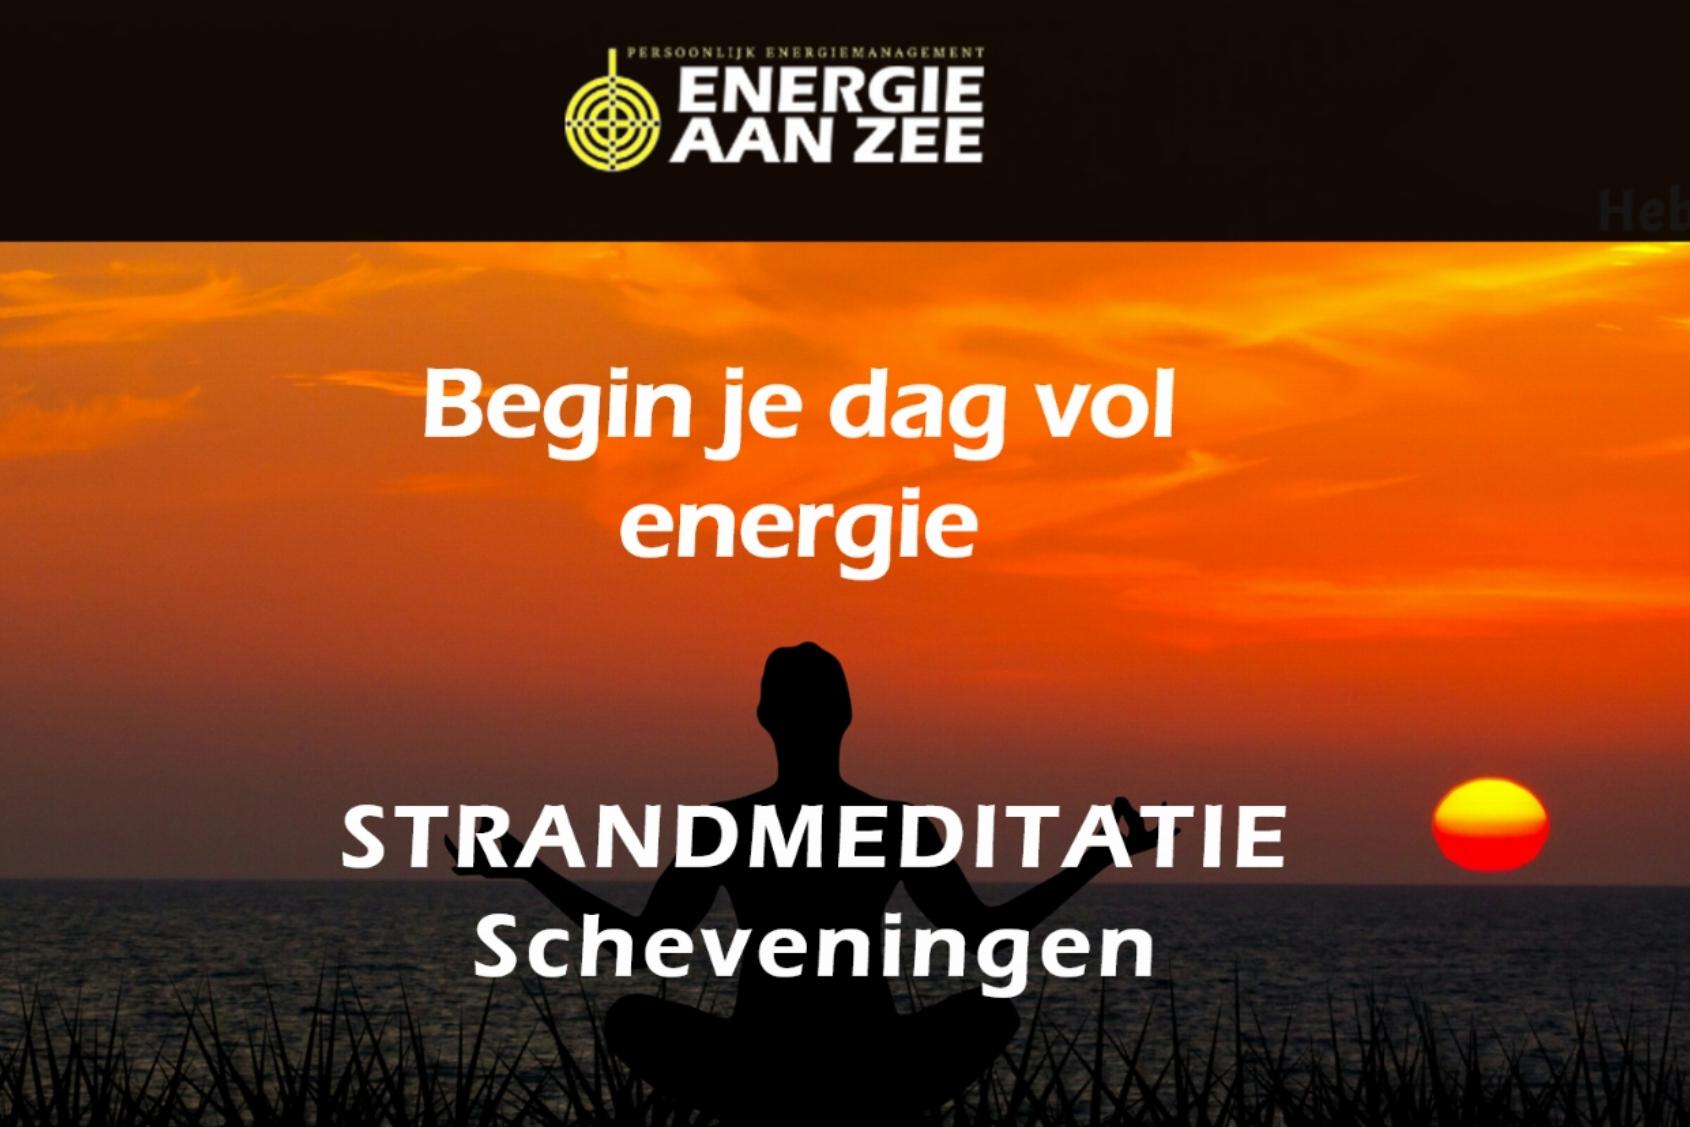 Energie aan zee - Strandmeditatie